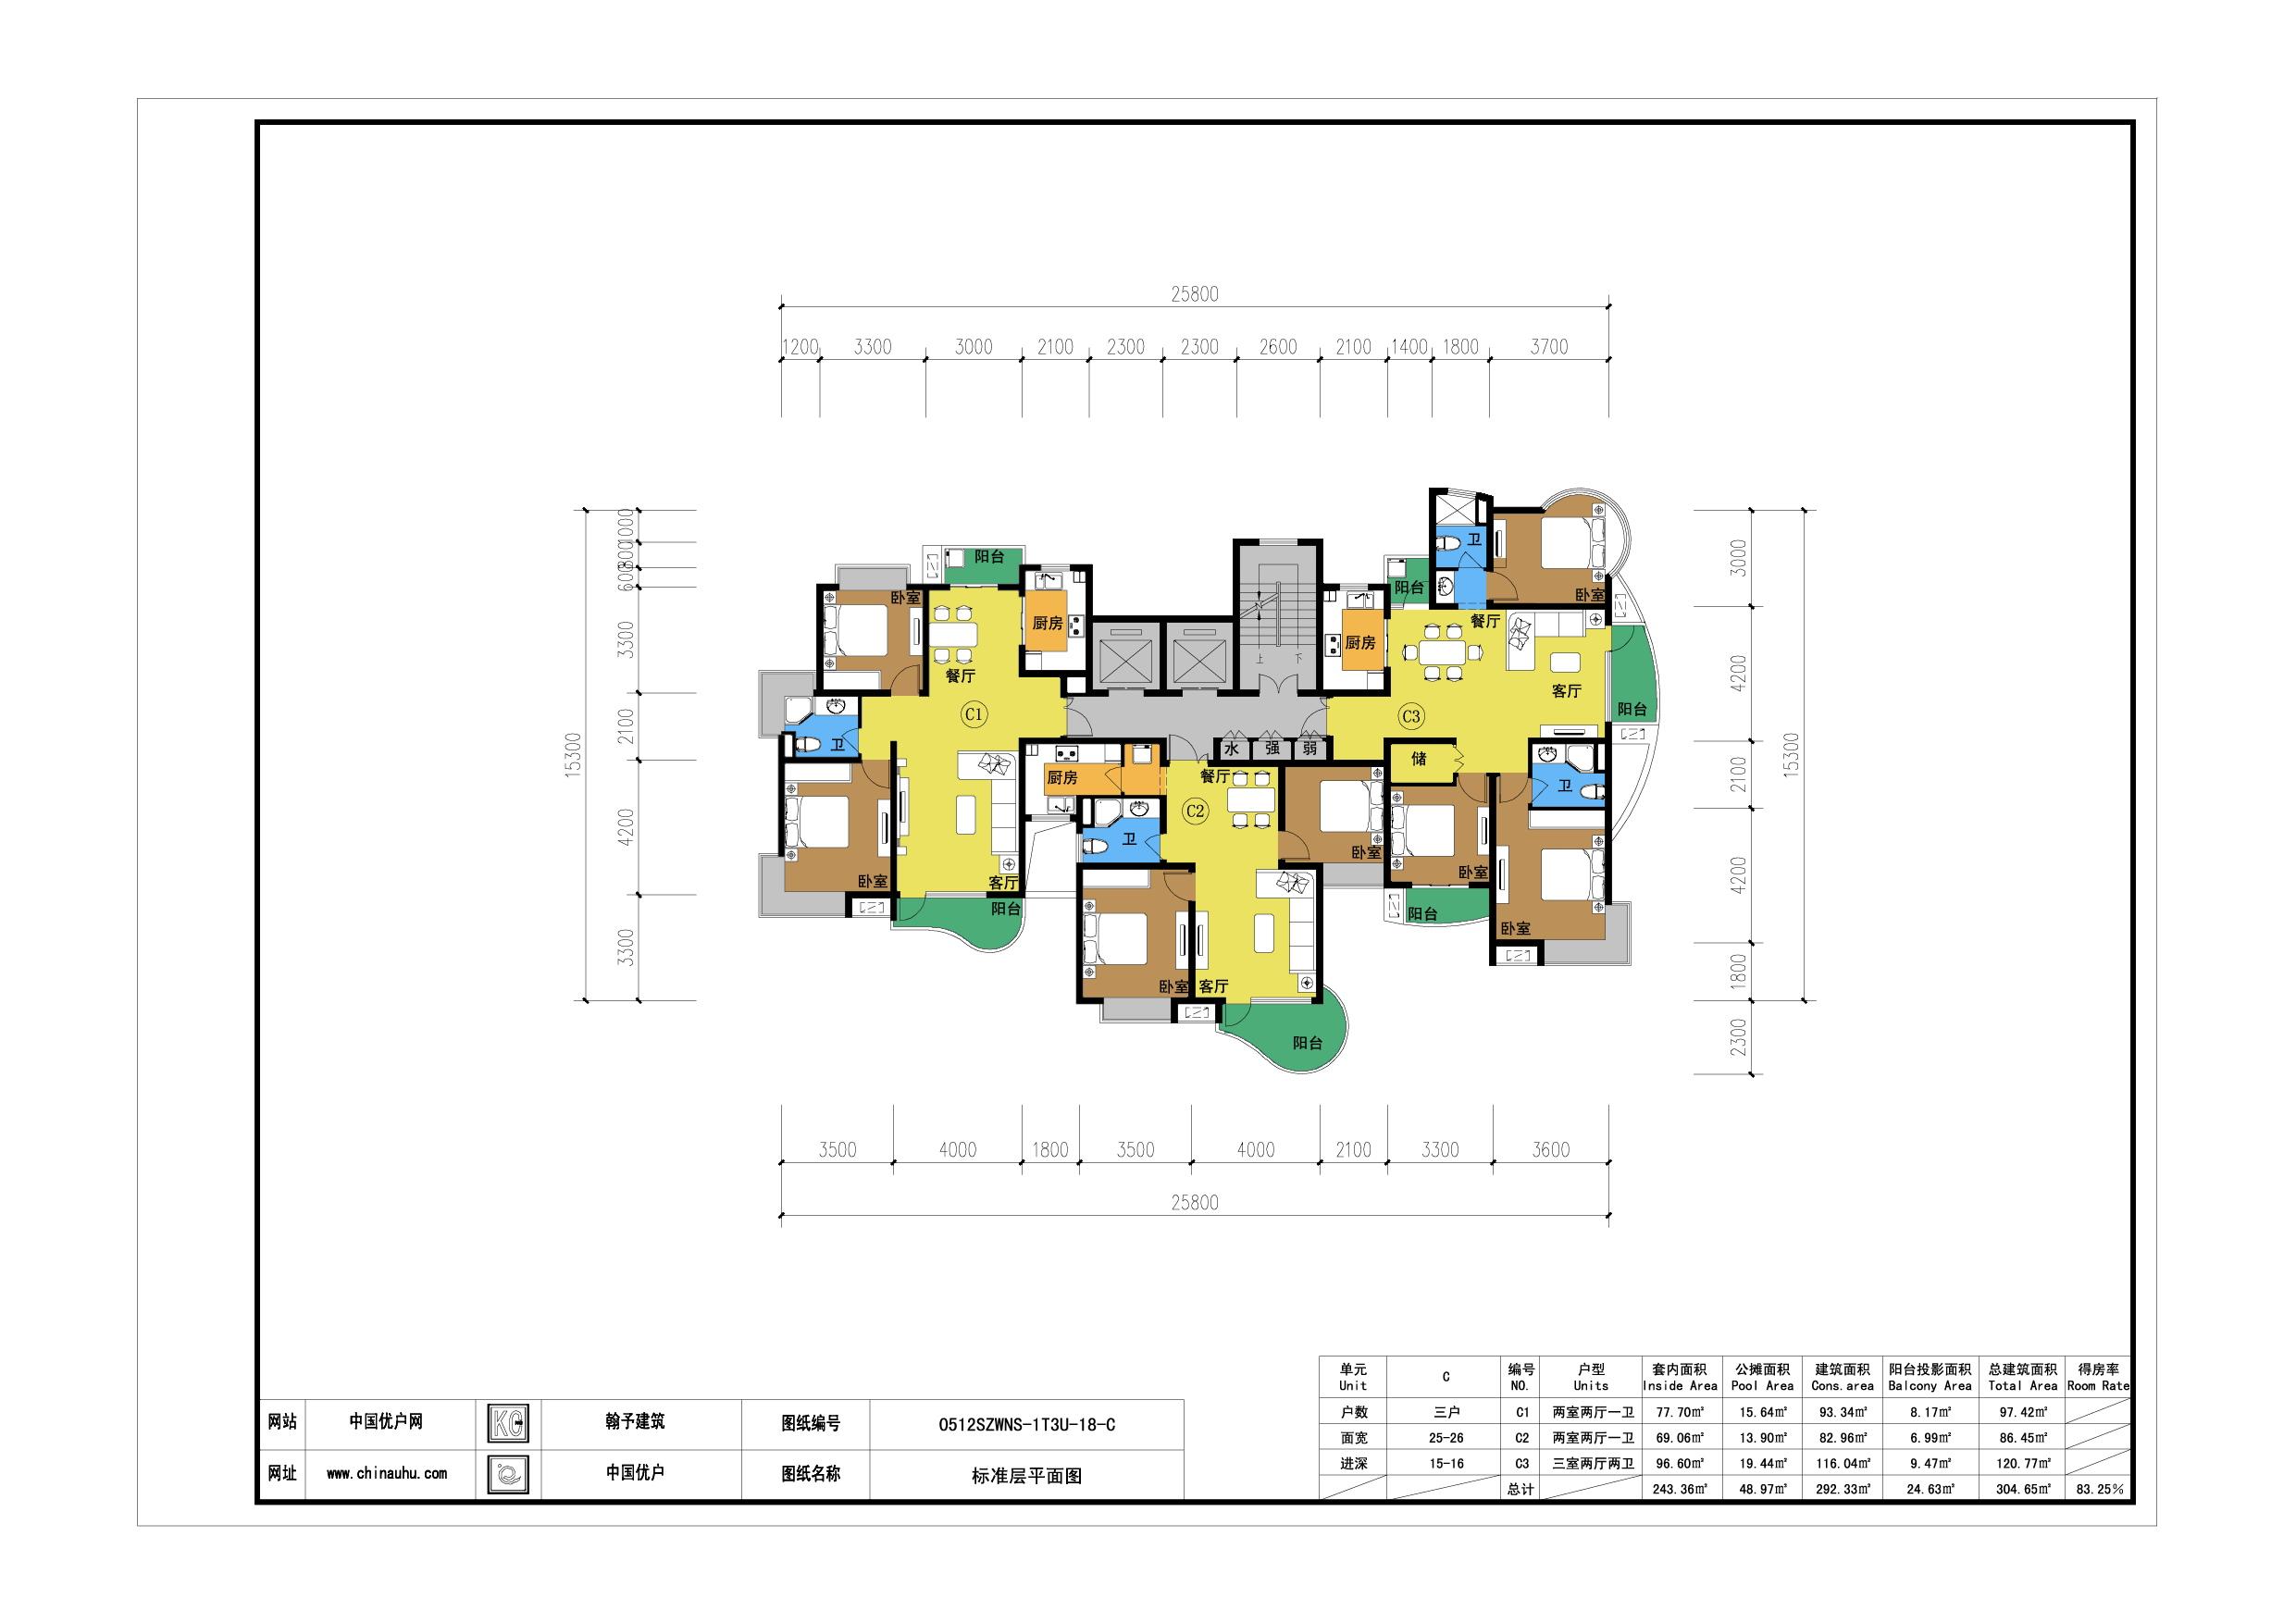 18层一梯三户单元户型-公寓户型图下载-cad下载-1梯3